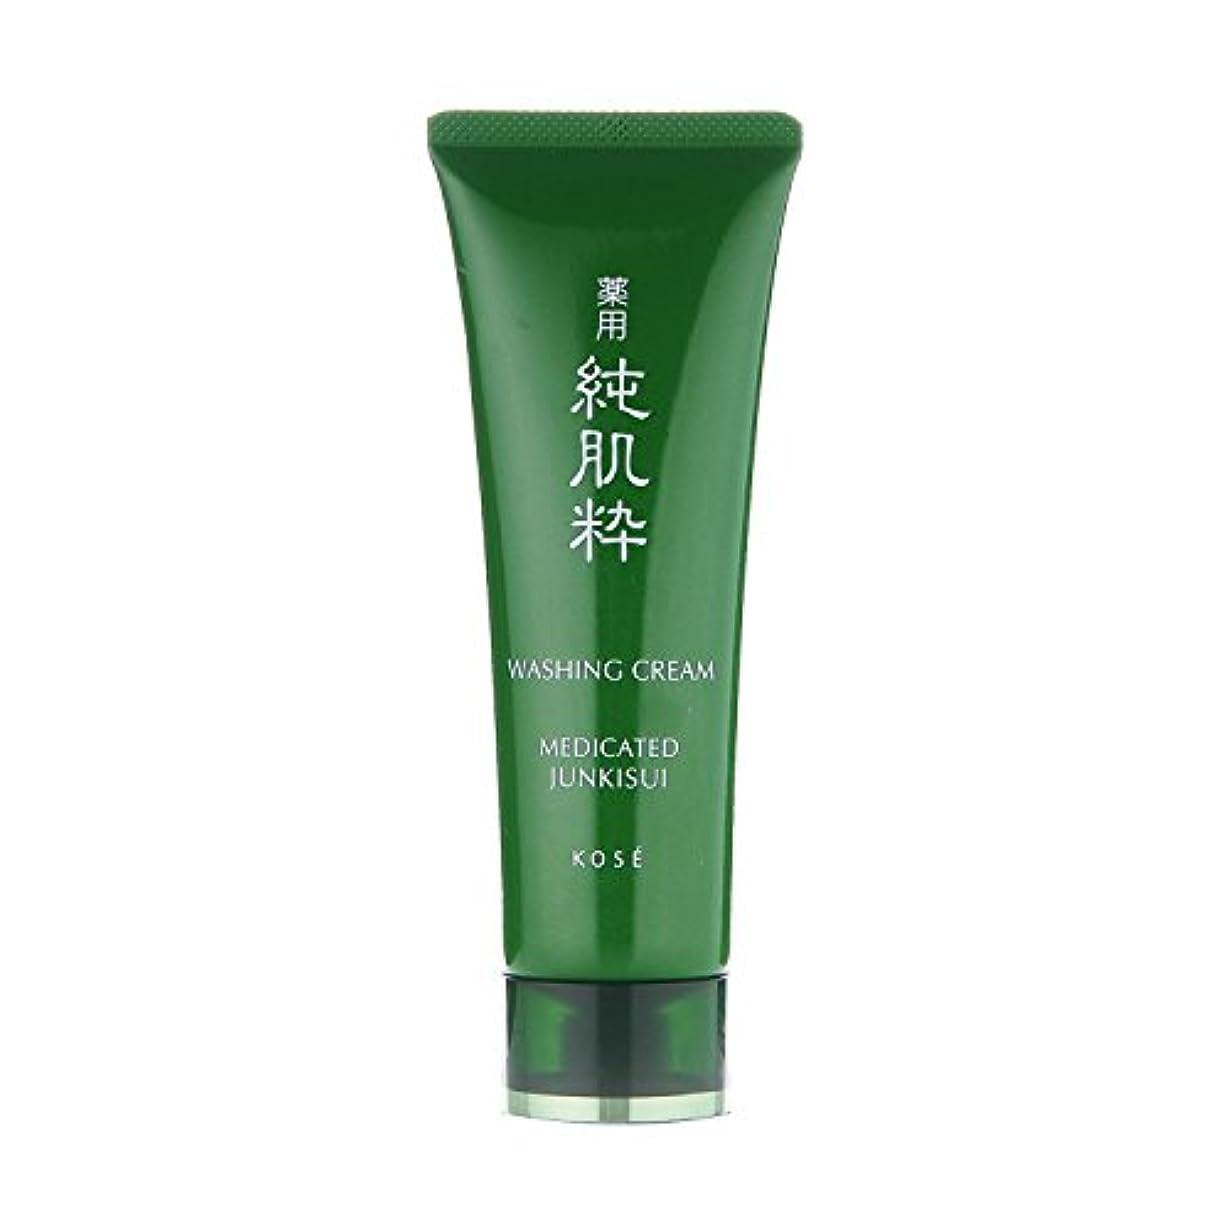 寄付する醜いめまい薬用 純肌粋 洗顔クリーム 120g <24304>